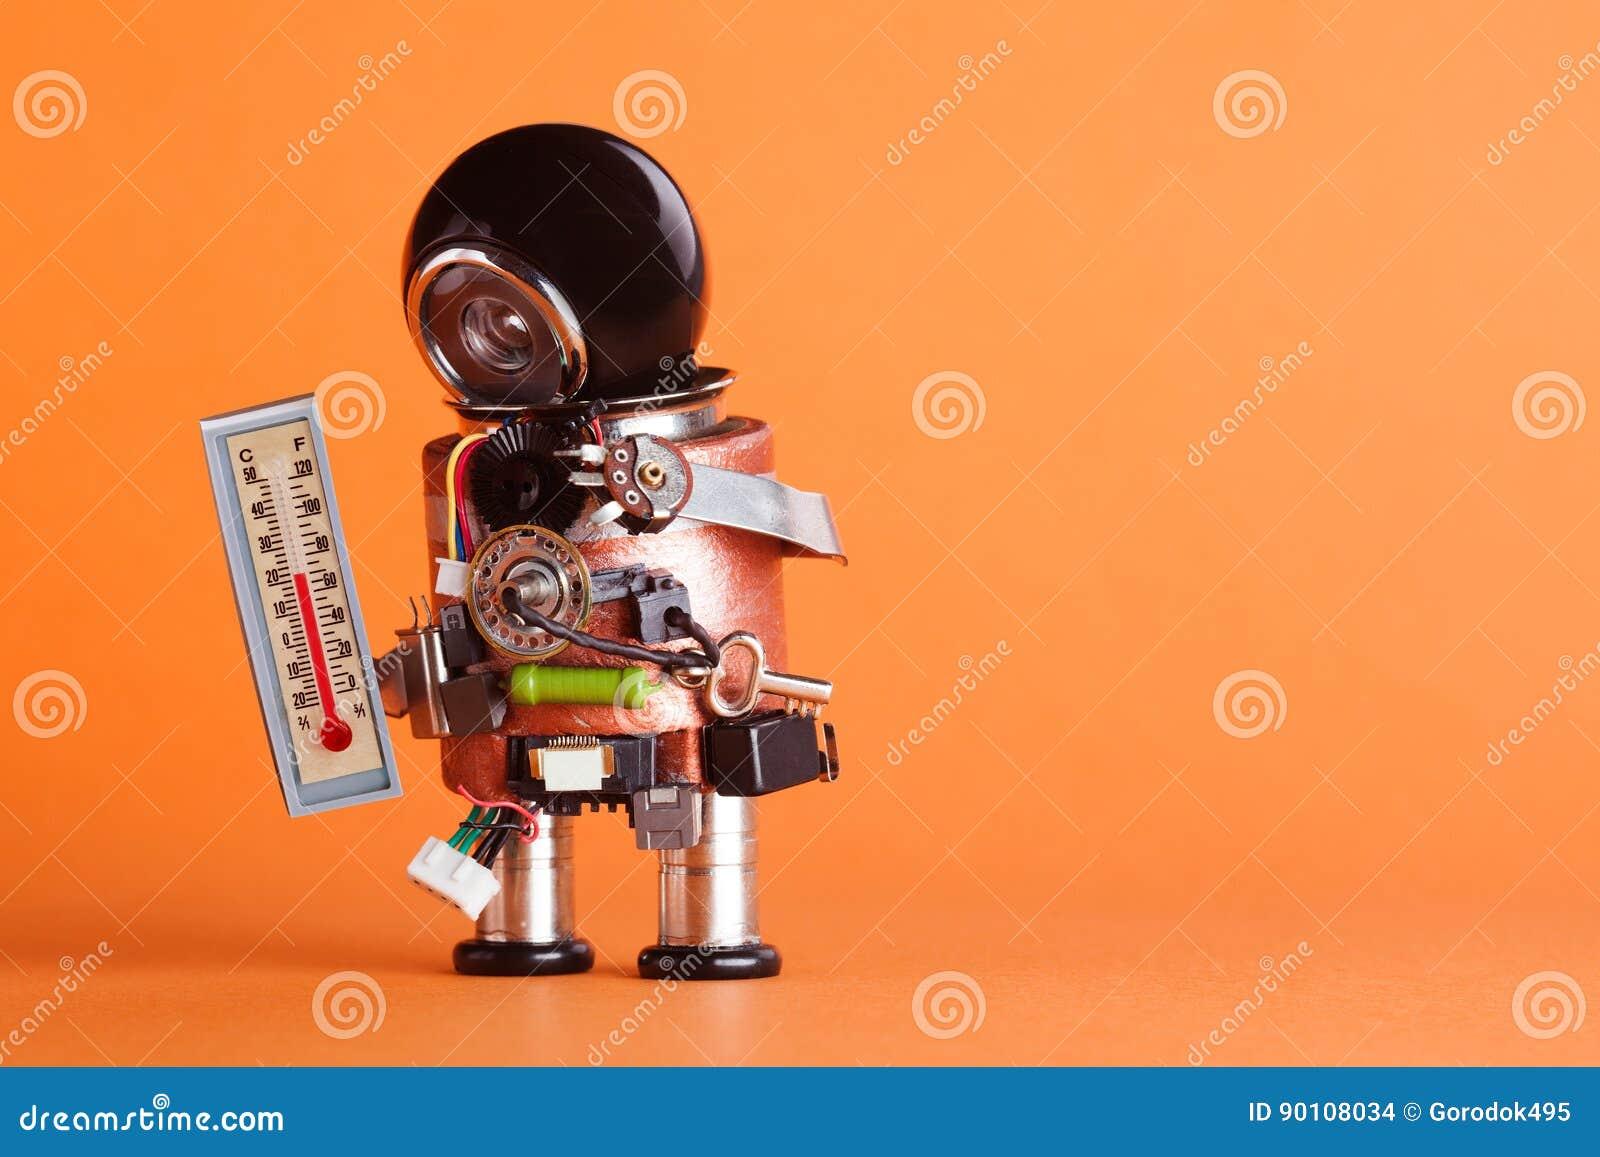 Ρομπότ καιρικών ειδικών στις προβλέψεις που φαίνεται θερμοκρασία δωματίου άνεσης θερμομέτρων 21 βαθμός Κέλσιος Χαρακτήρας παιχνιδ